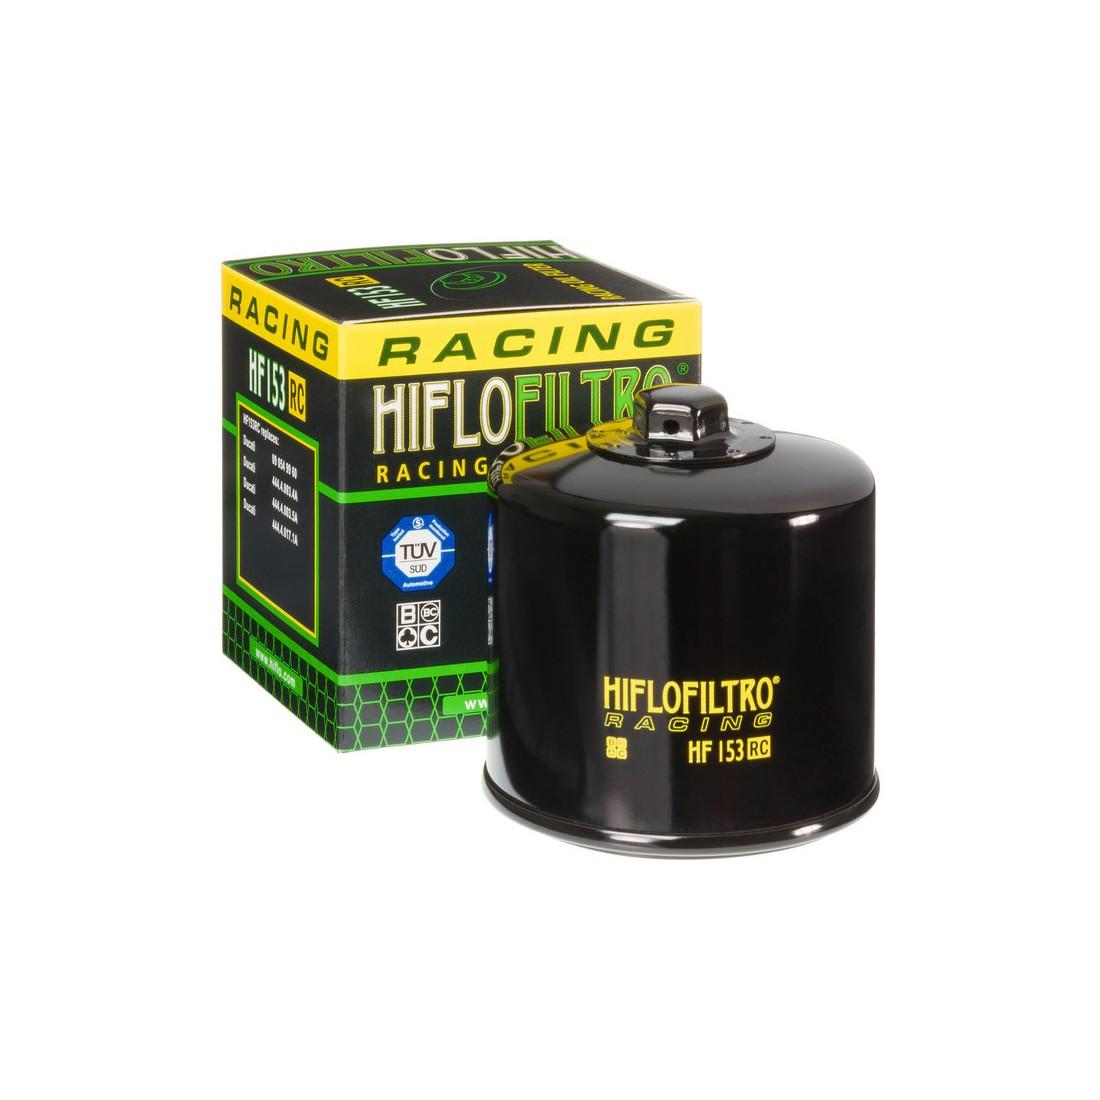 Filtro Aceite Racing Hiflofiltro HF153RC